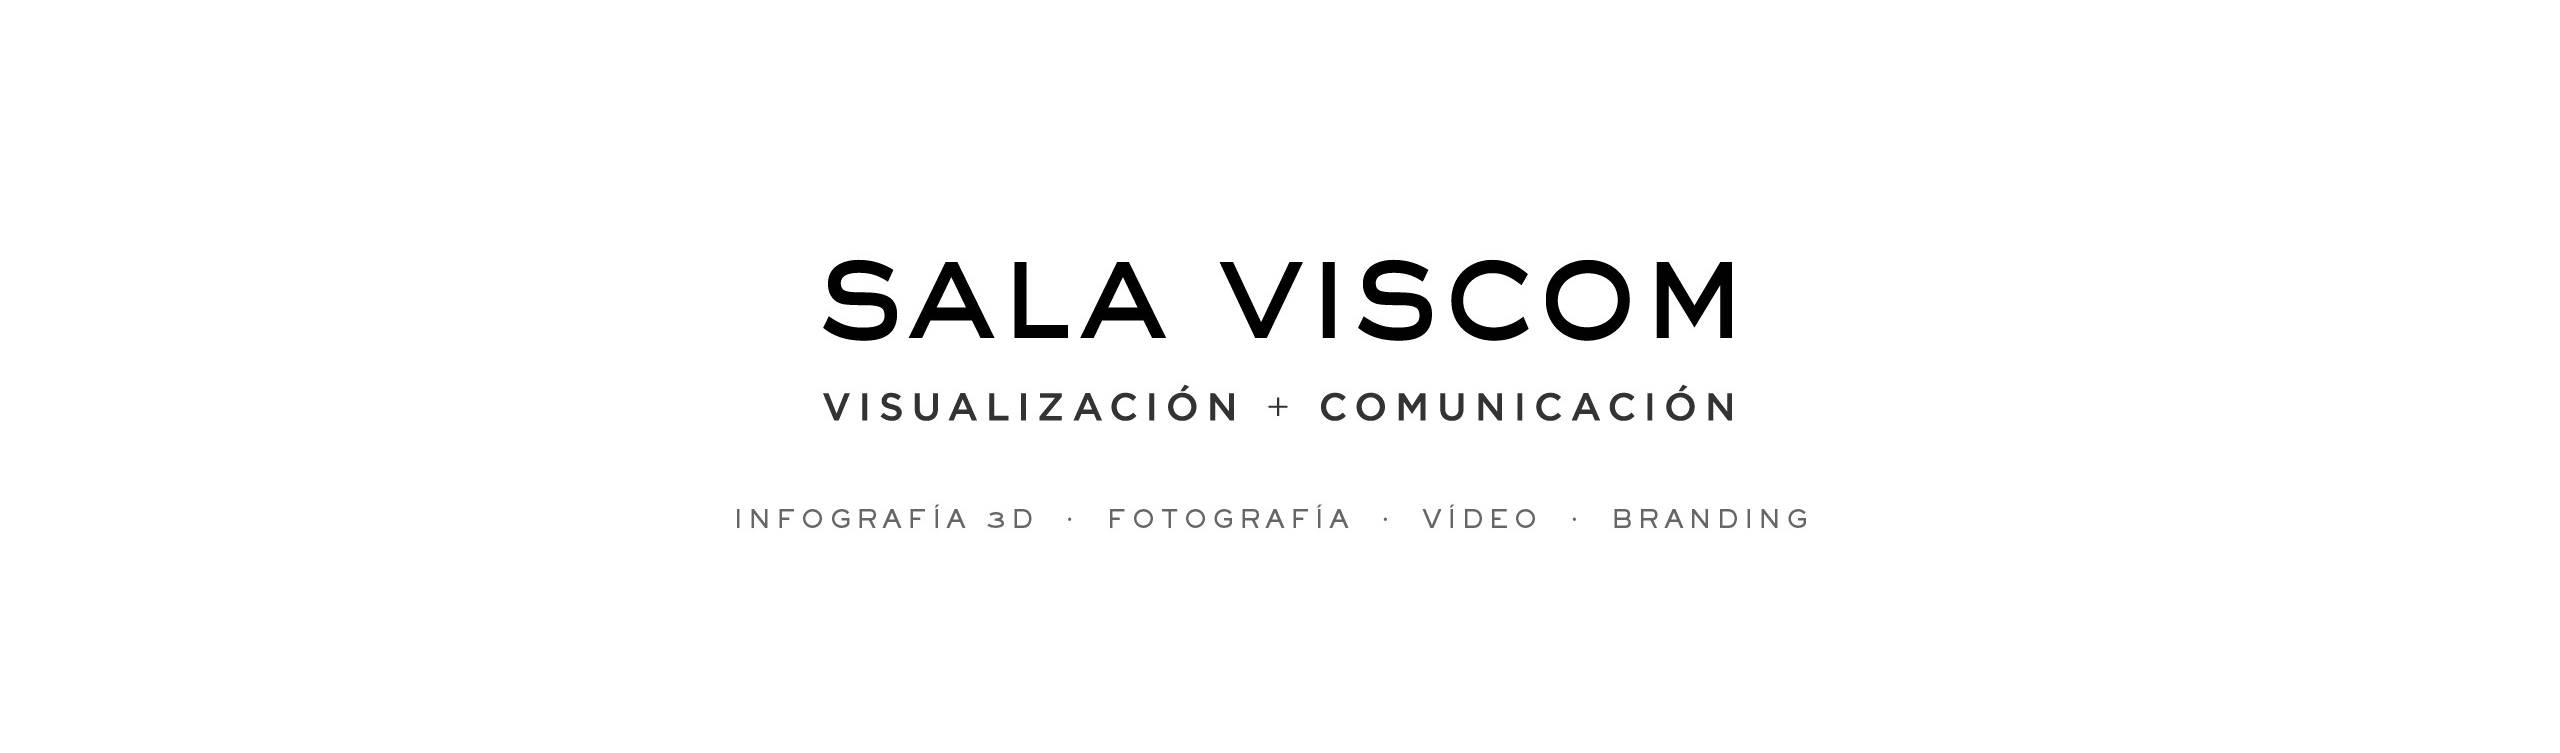 SALA VISCOM